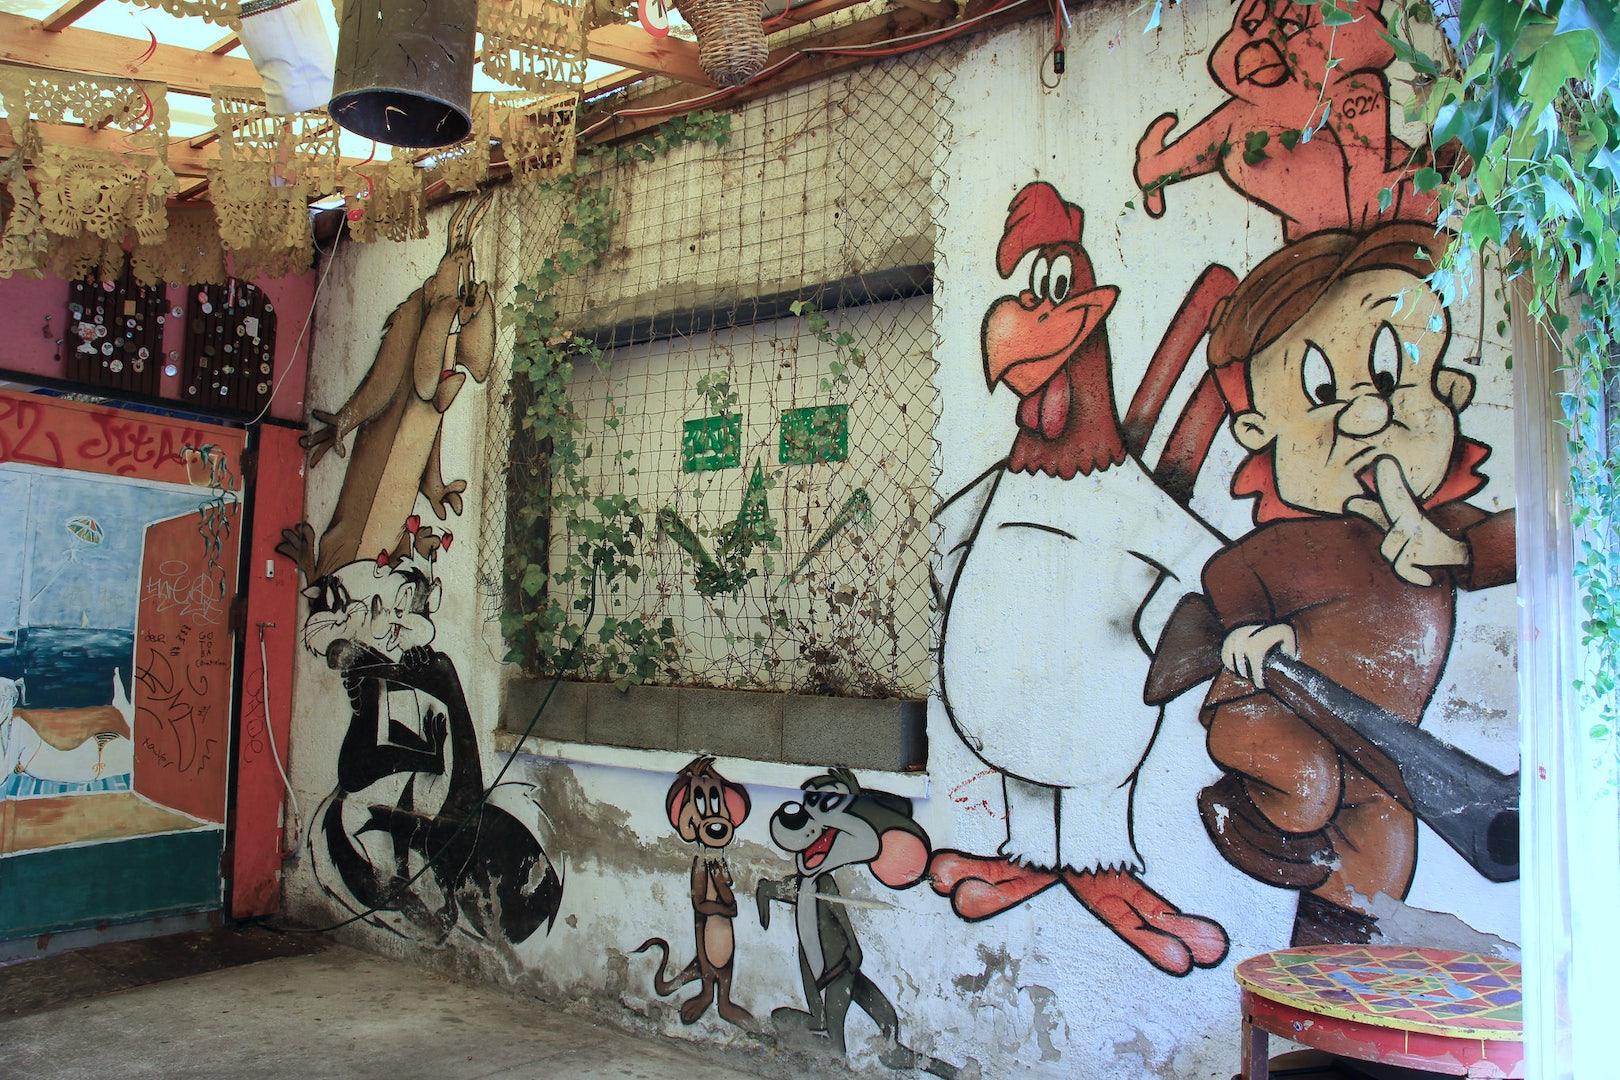 wall art at Ellato Kert